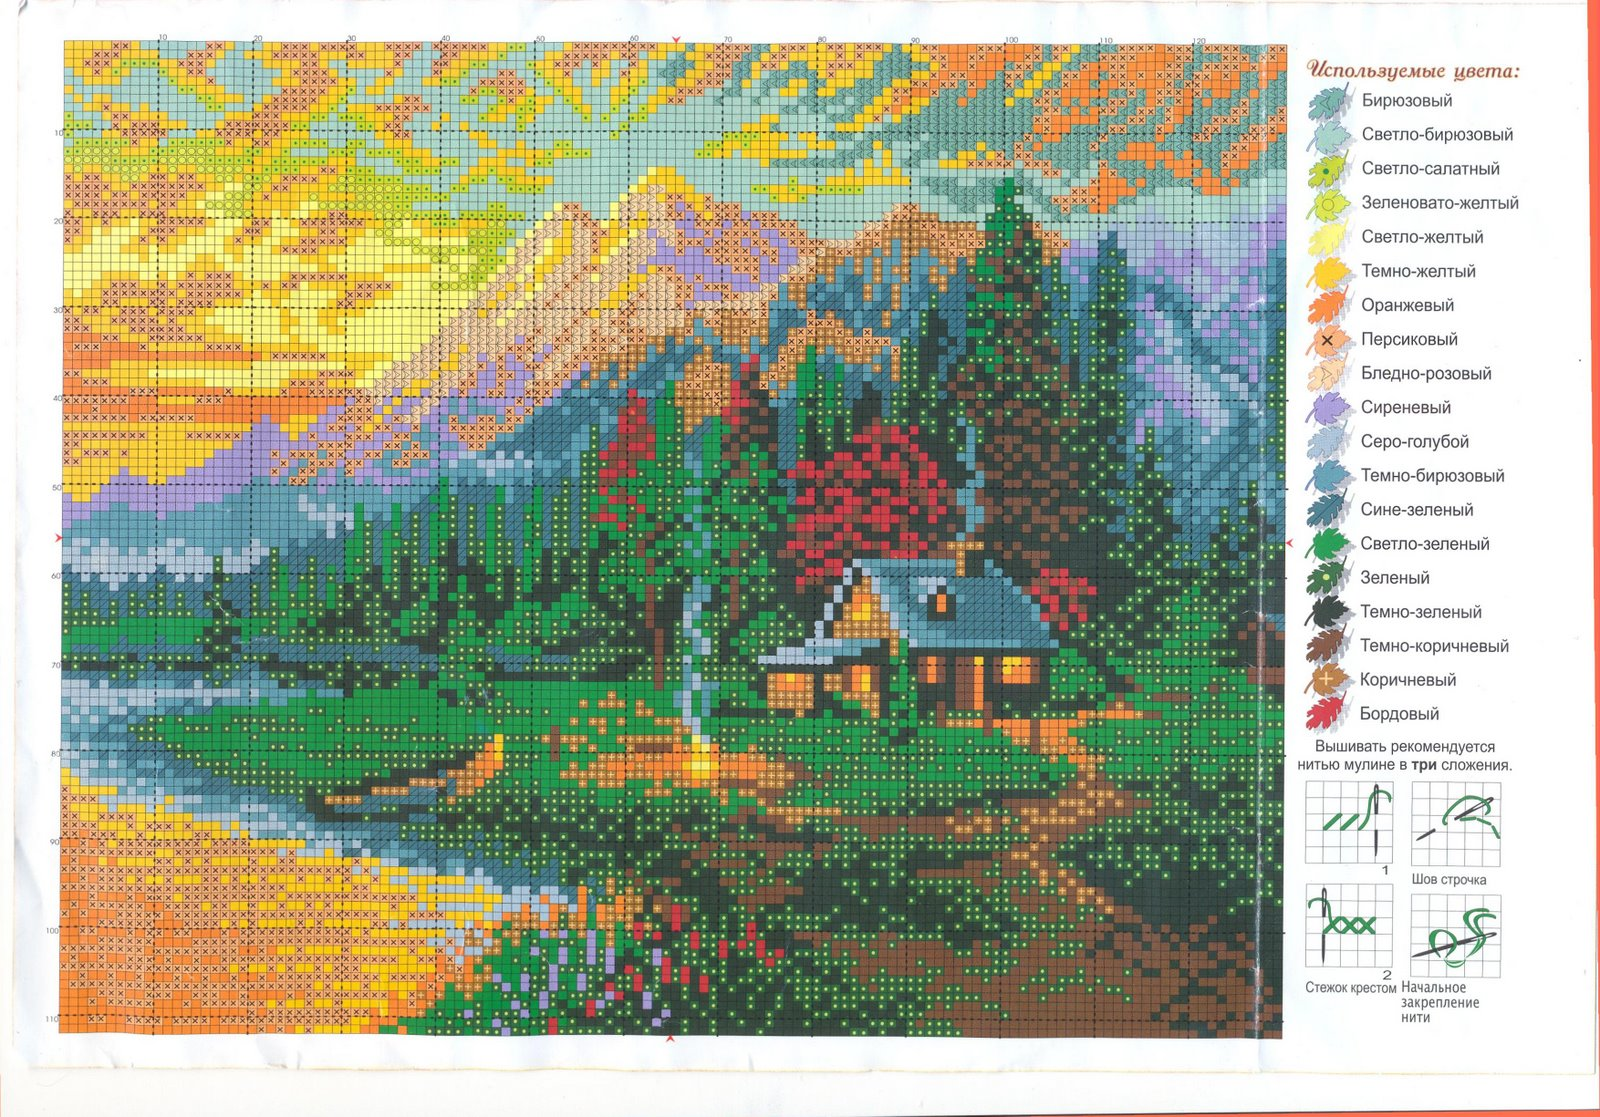 Вышивка крестом пейзажисхемы 72